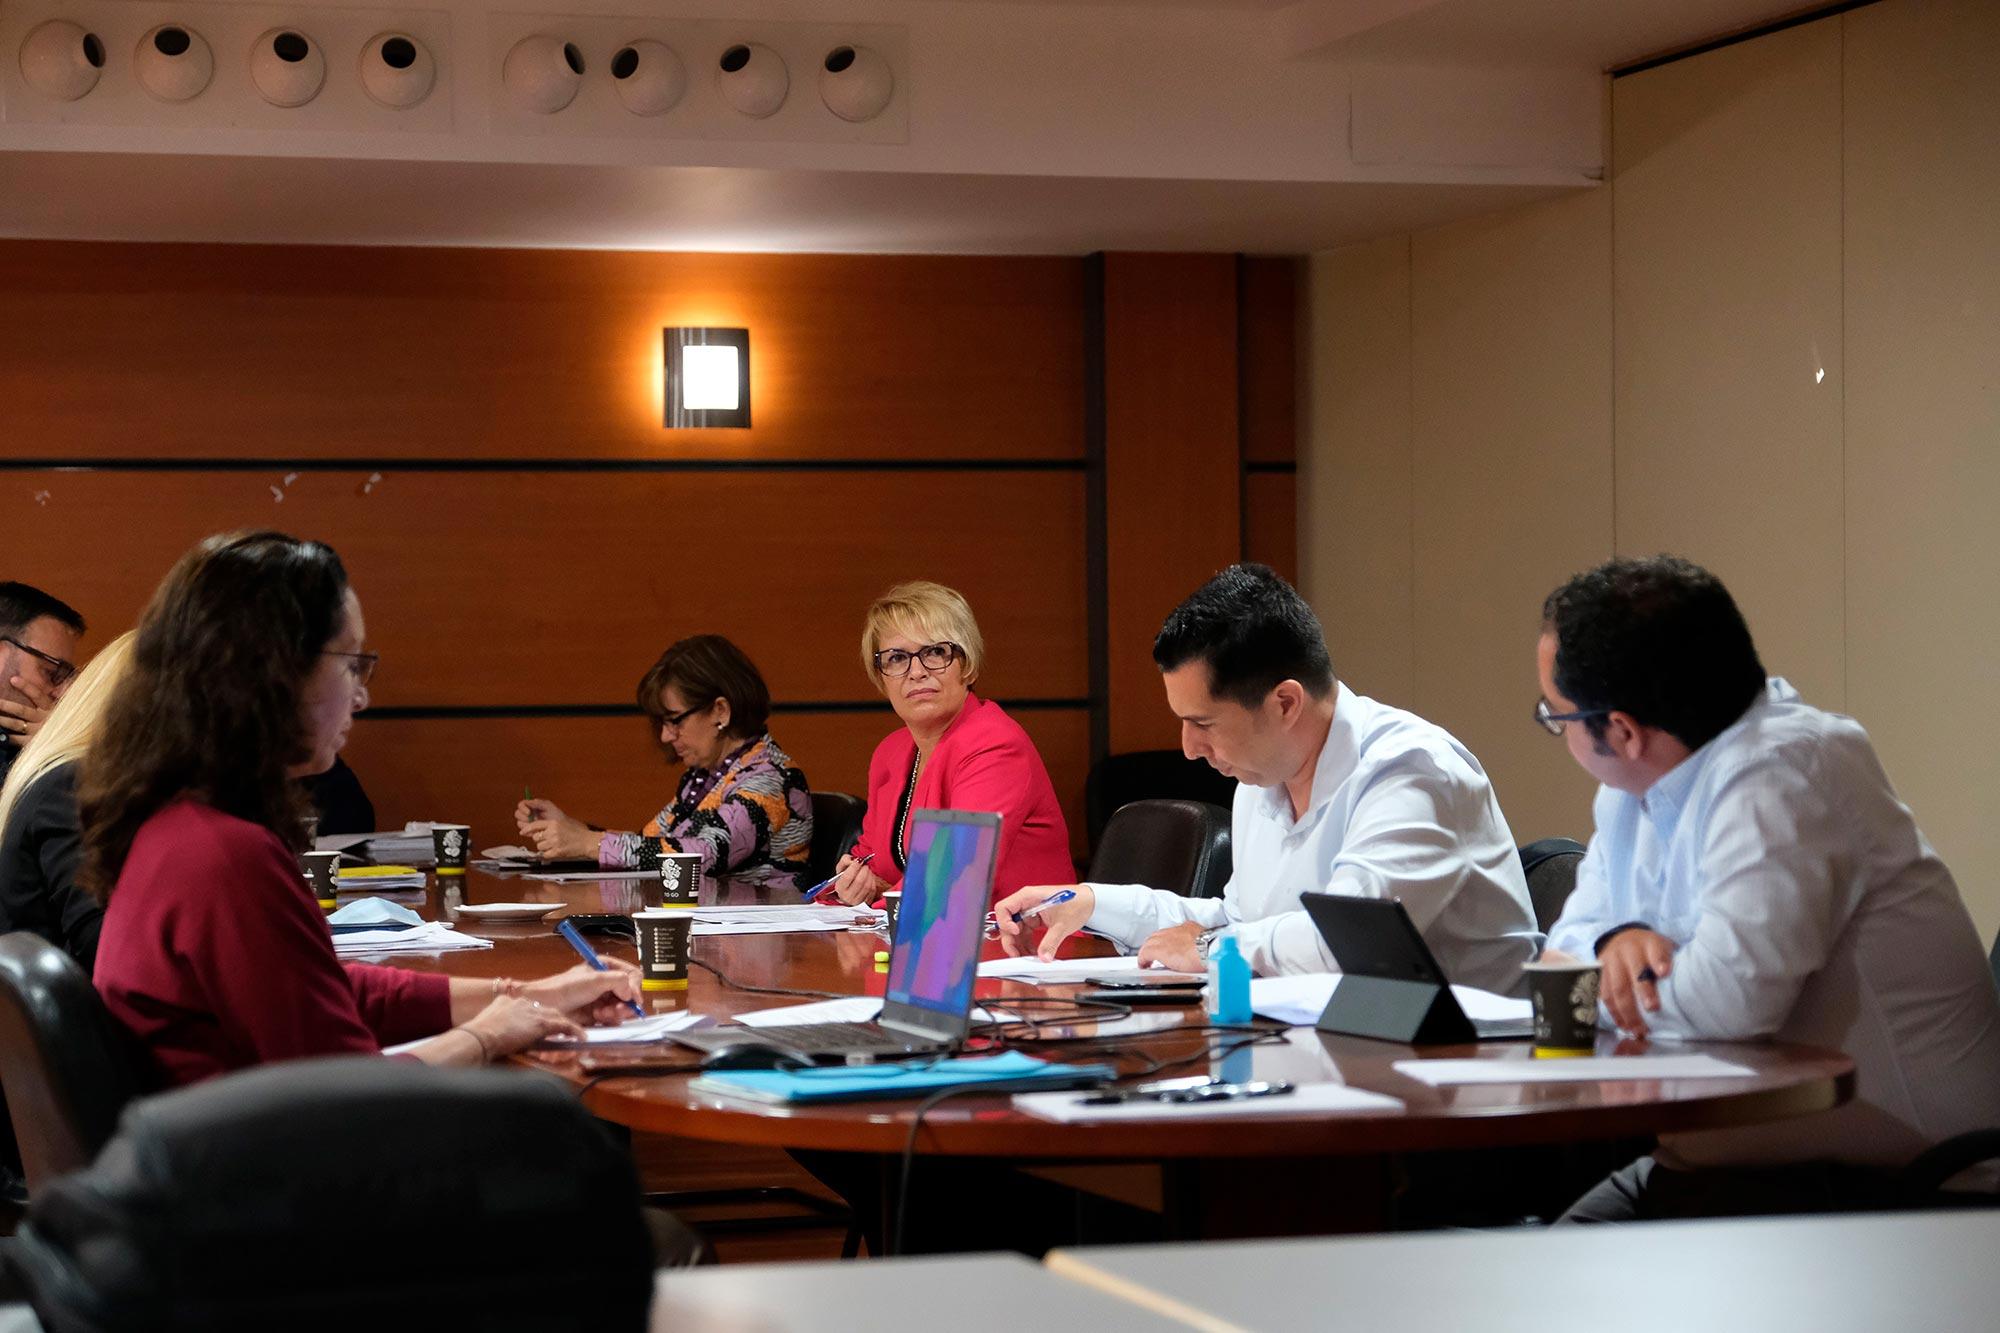 Gobierno, patronales y sindicatos defienden el diálogo social como vía para proteger la singularidad canaria